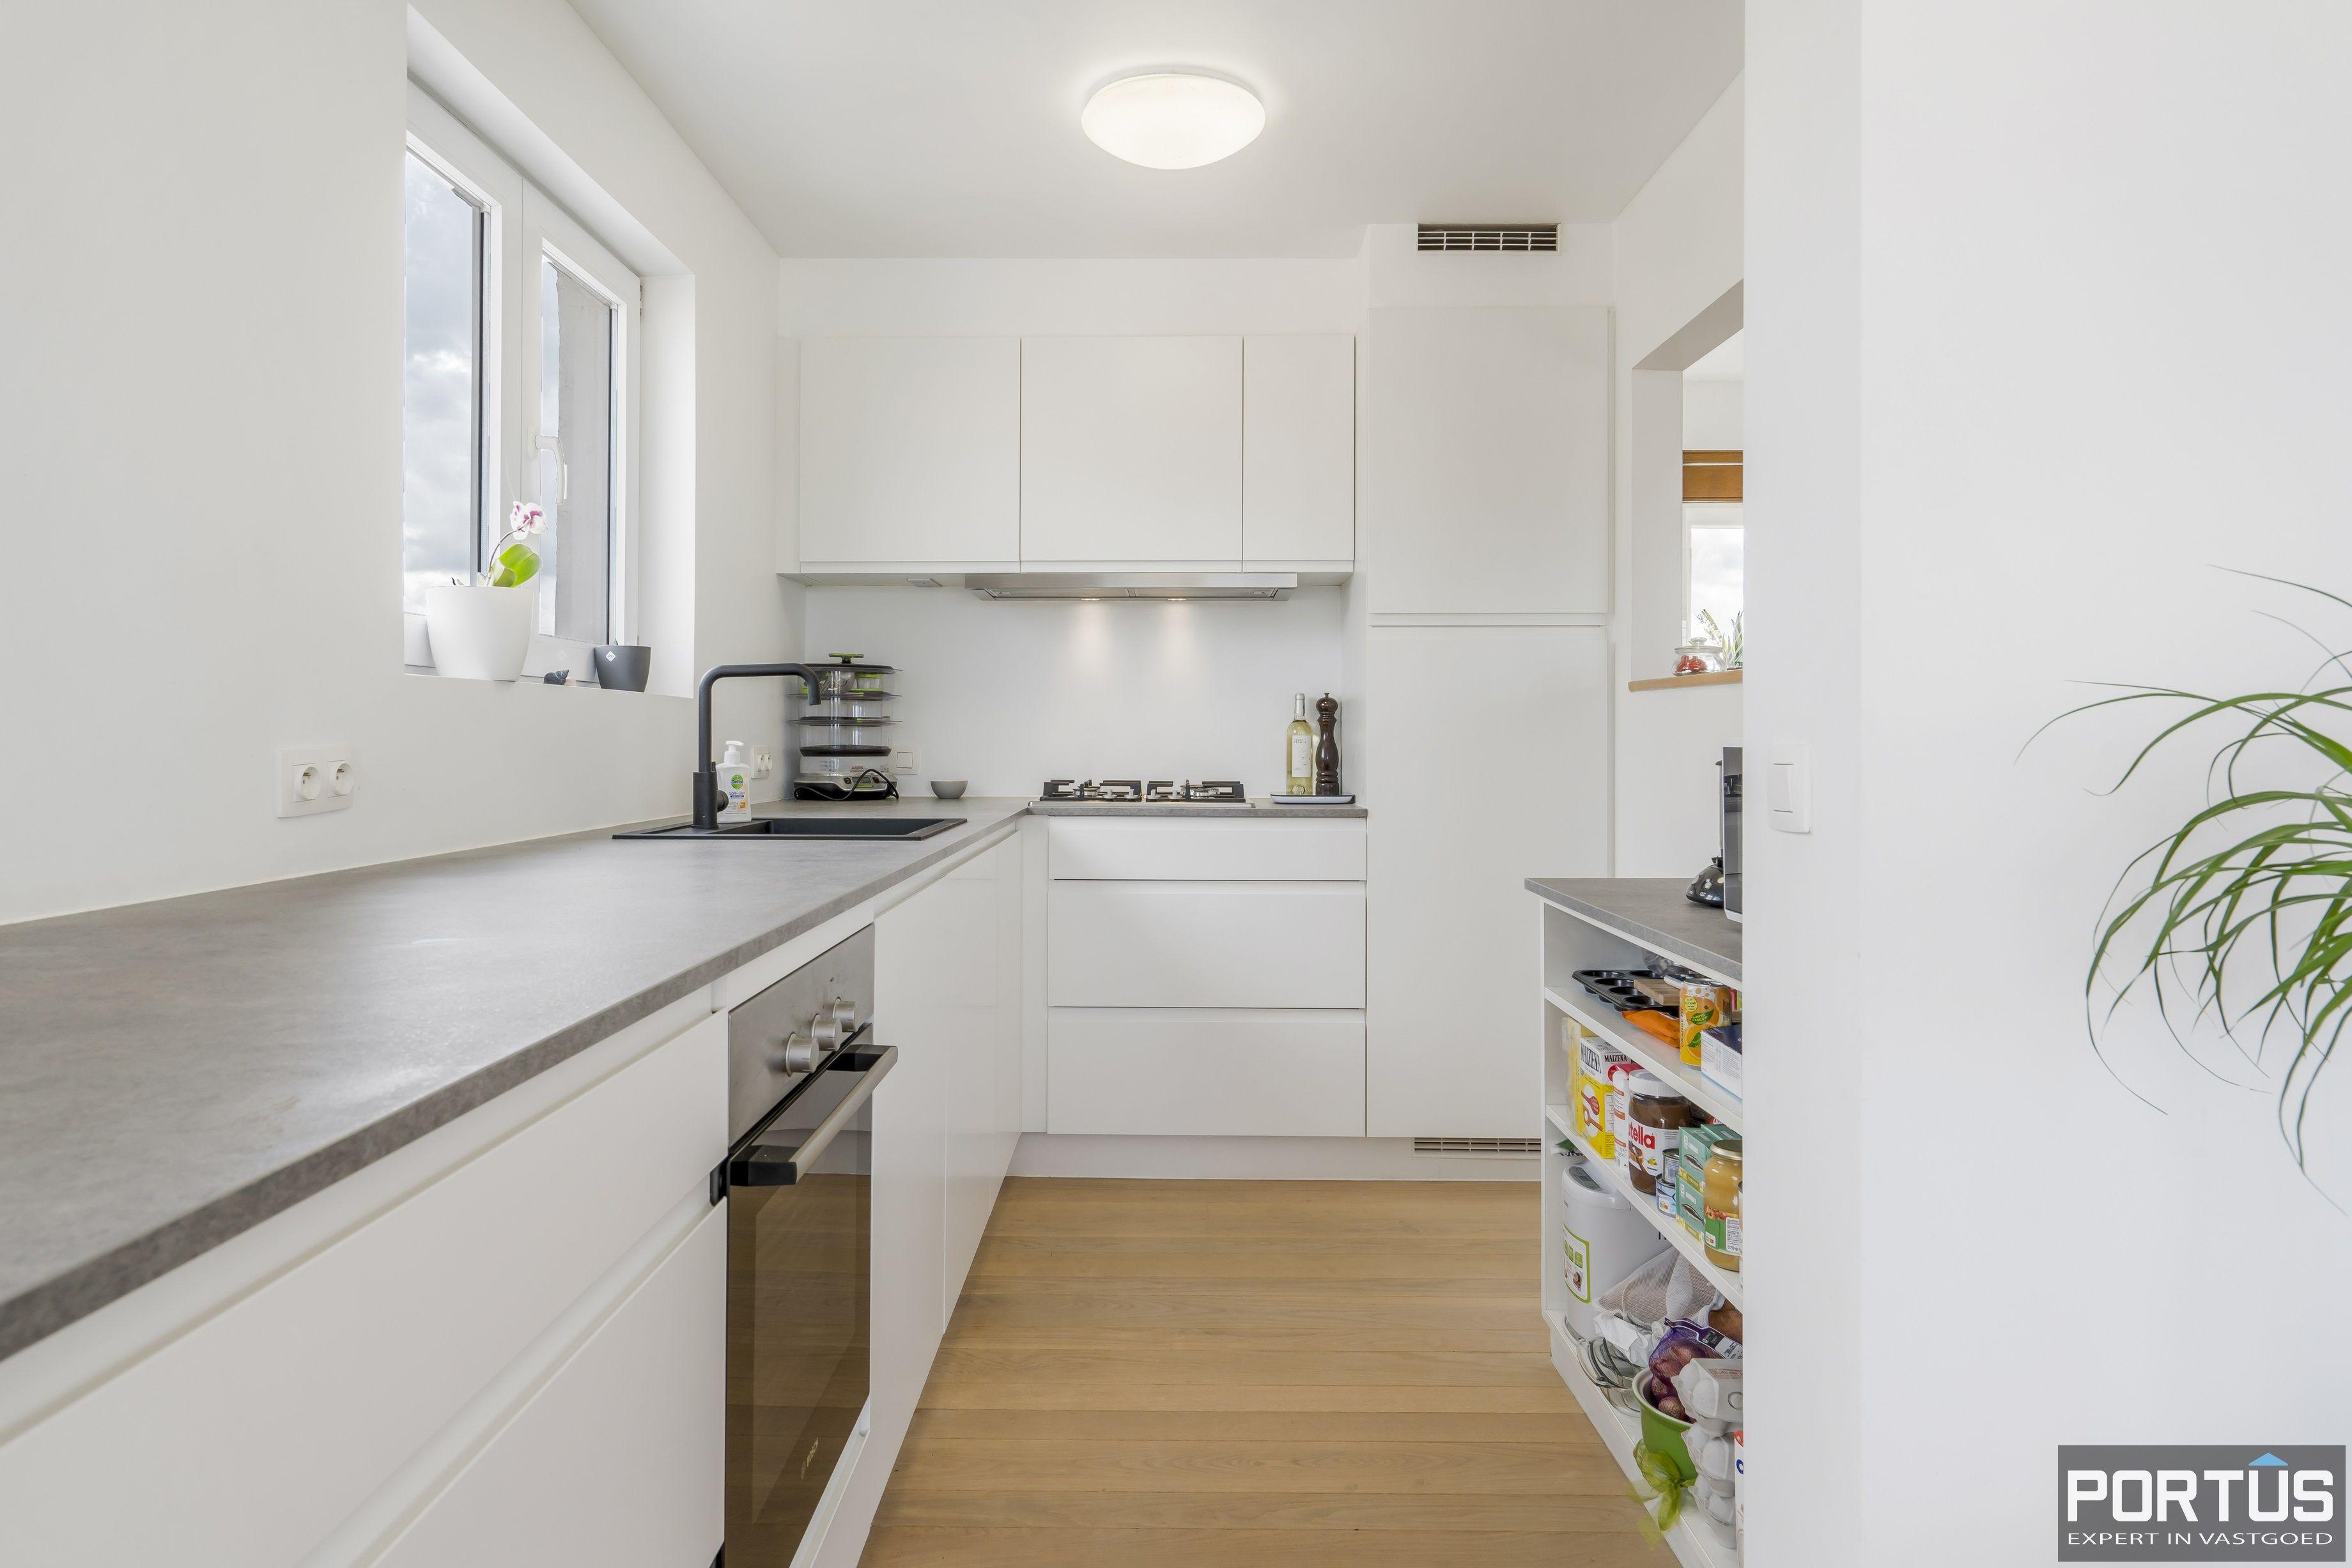 Appartement met 3 slaapkamers te koop te Westende - 13512